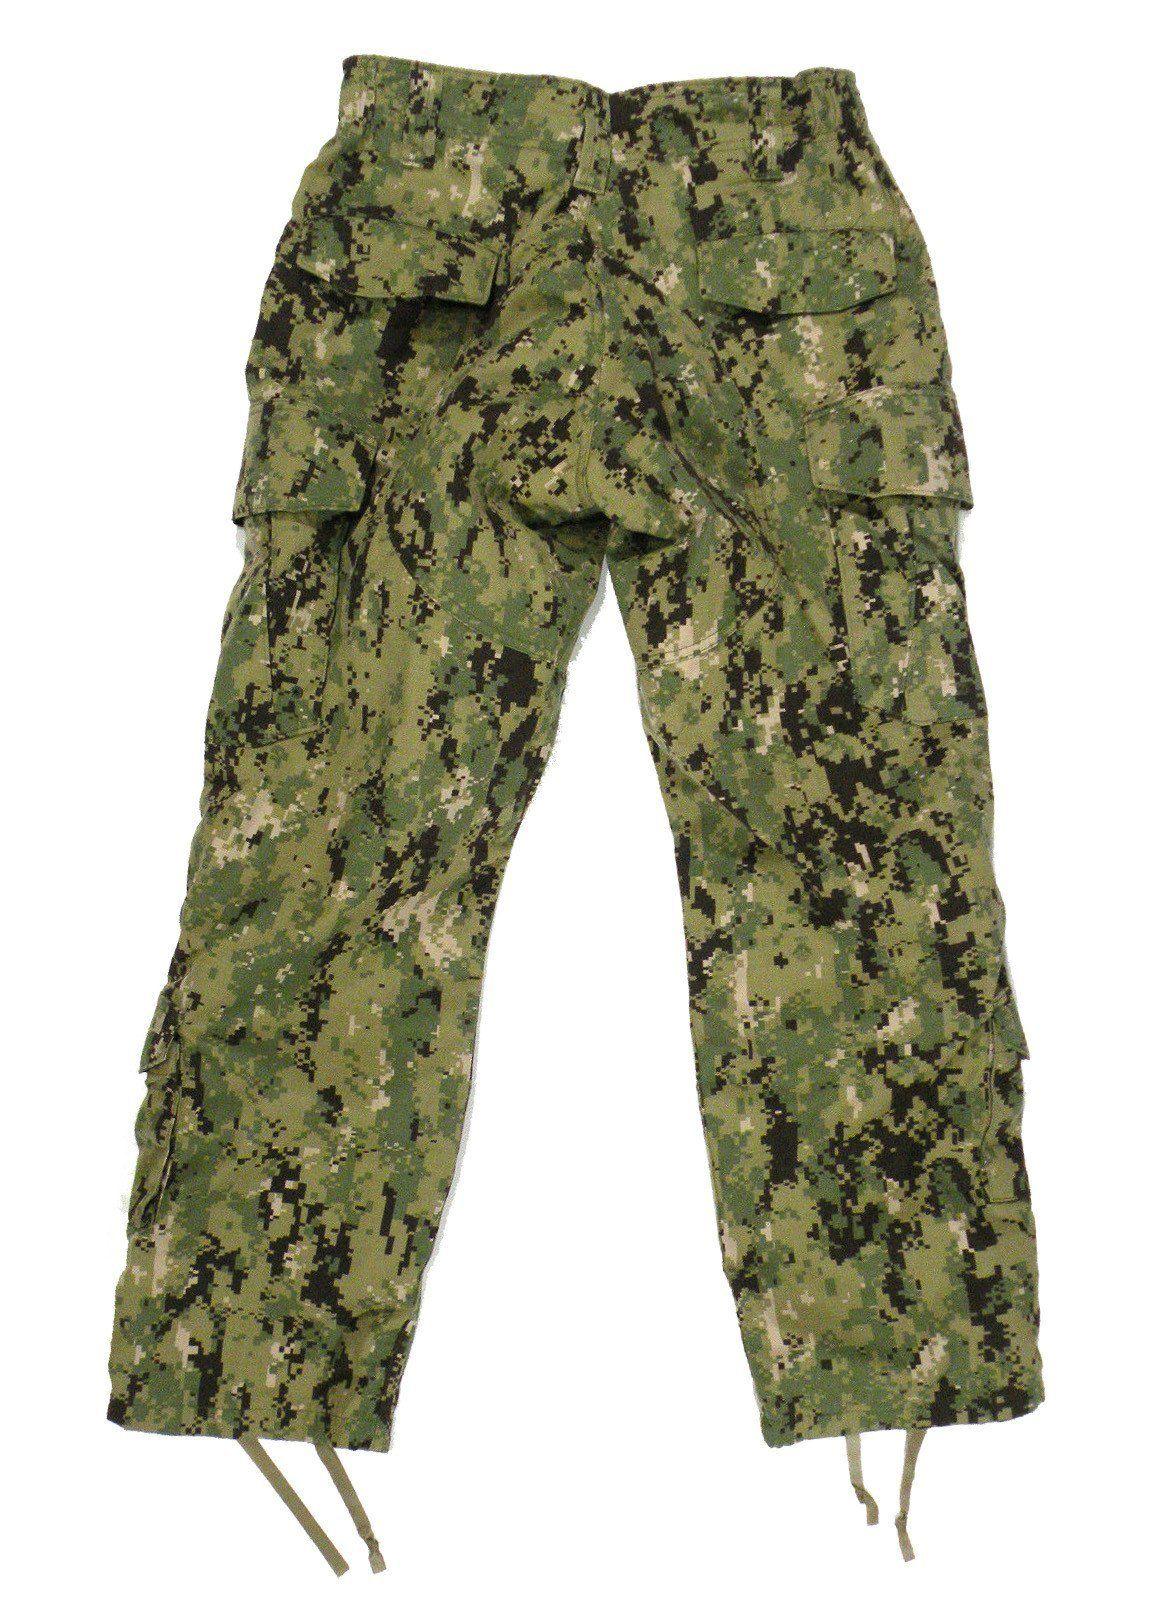 Usgi Us Navy Working Uniform Nwu Type Iii Woodland Trouser Us Navy Uniforms Us Navy Uniform